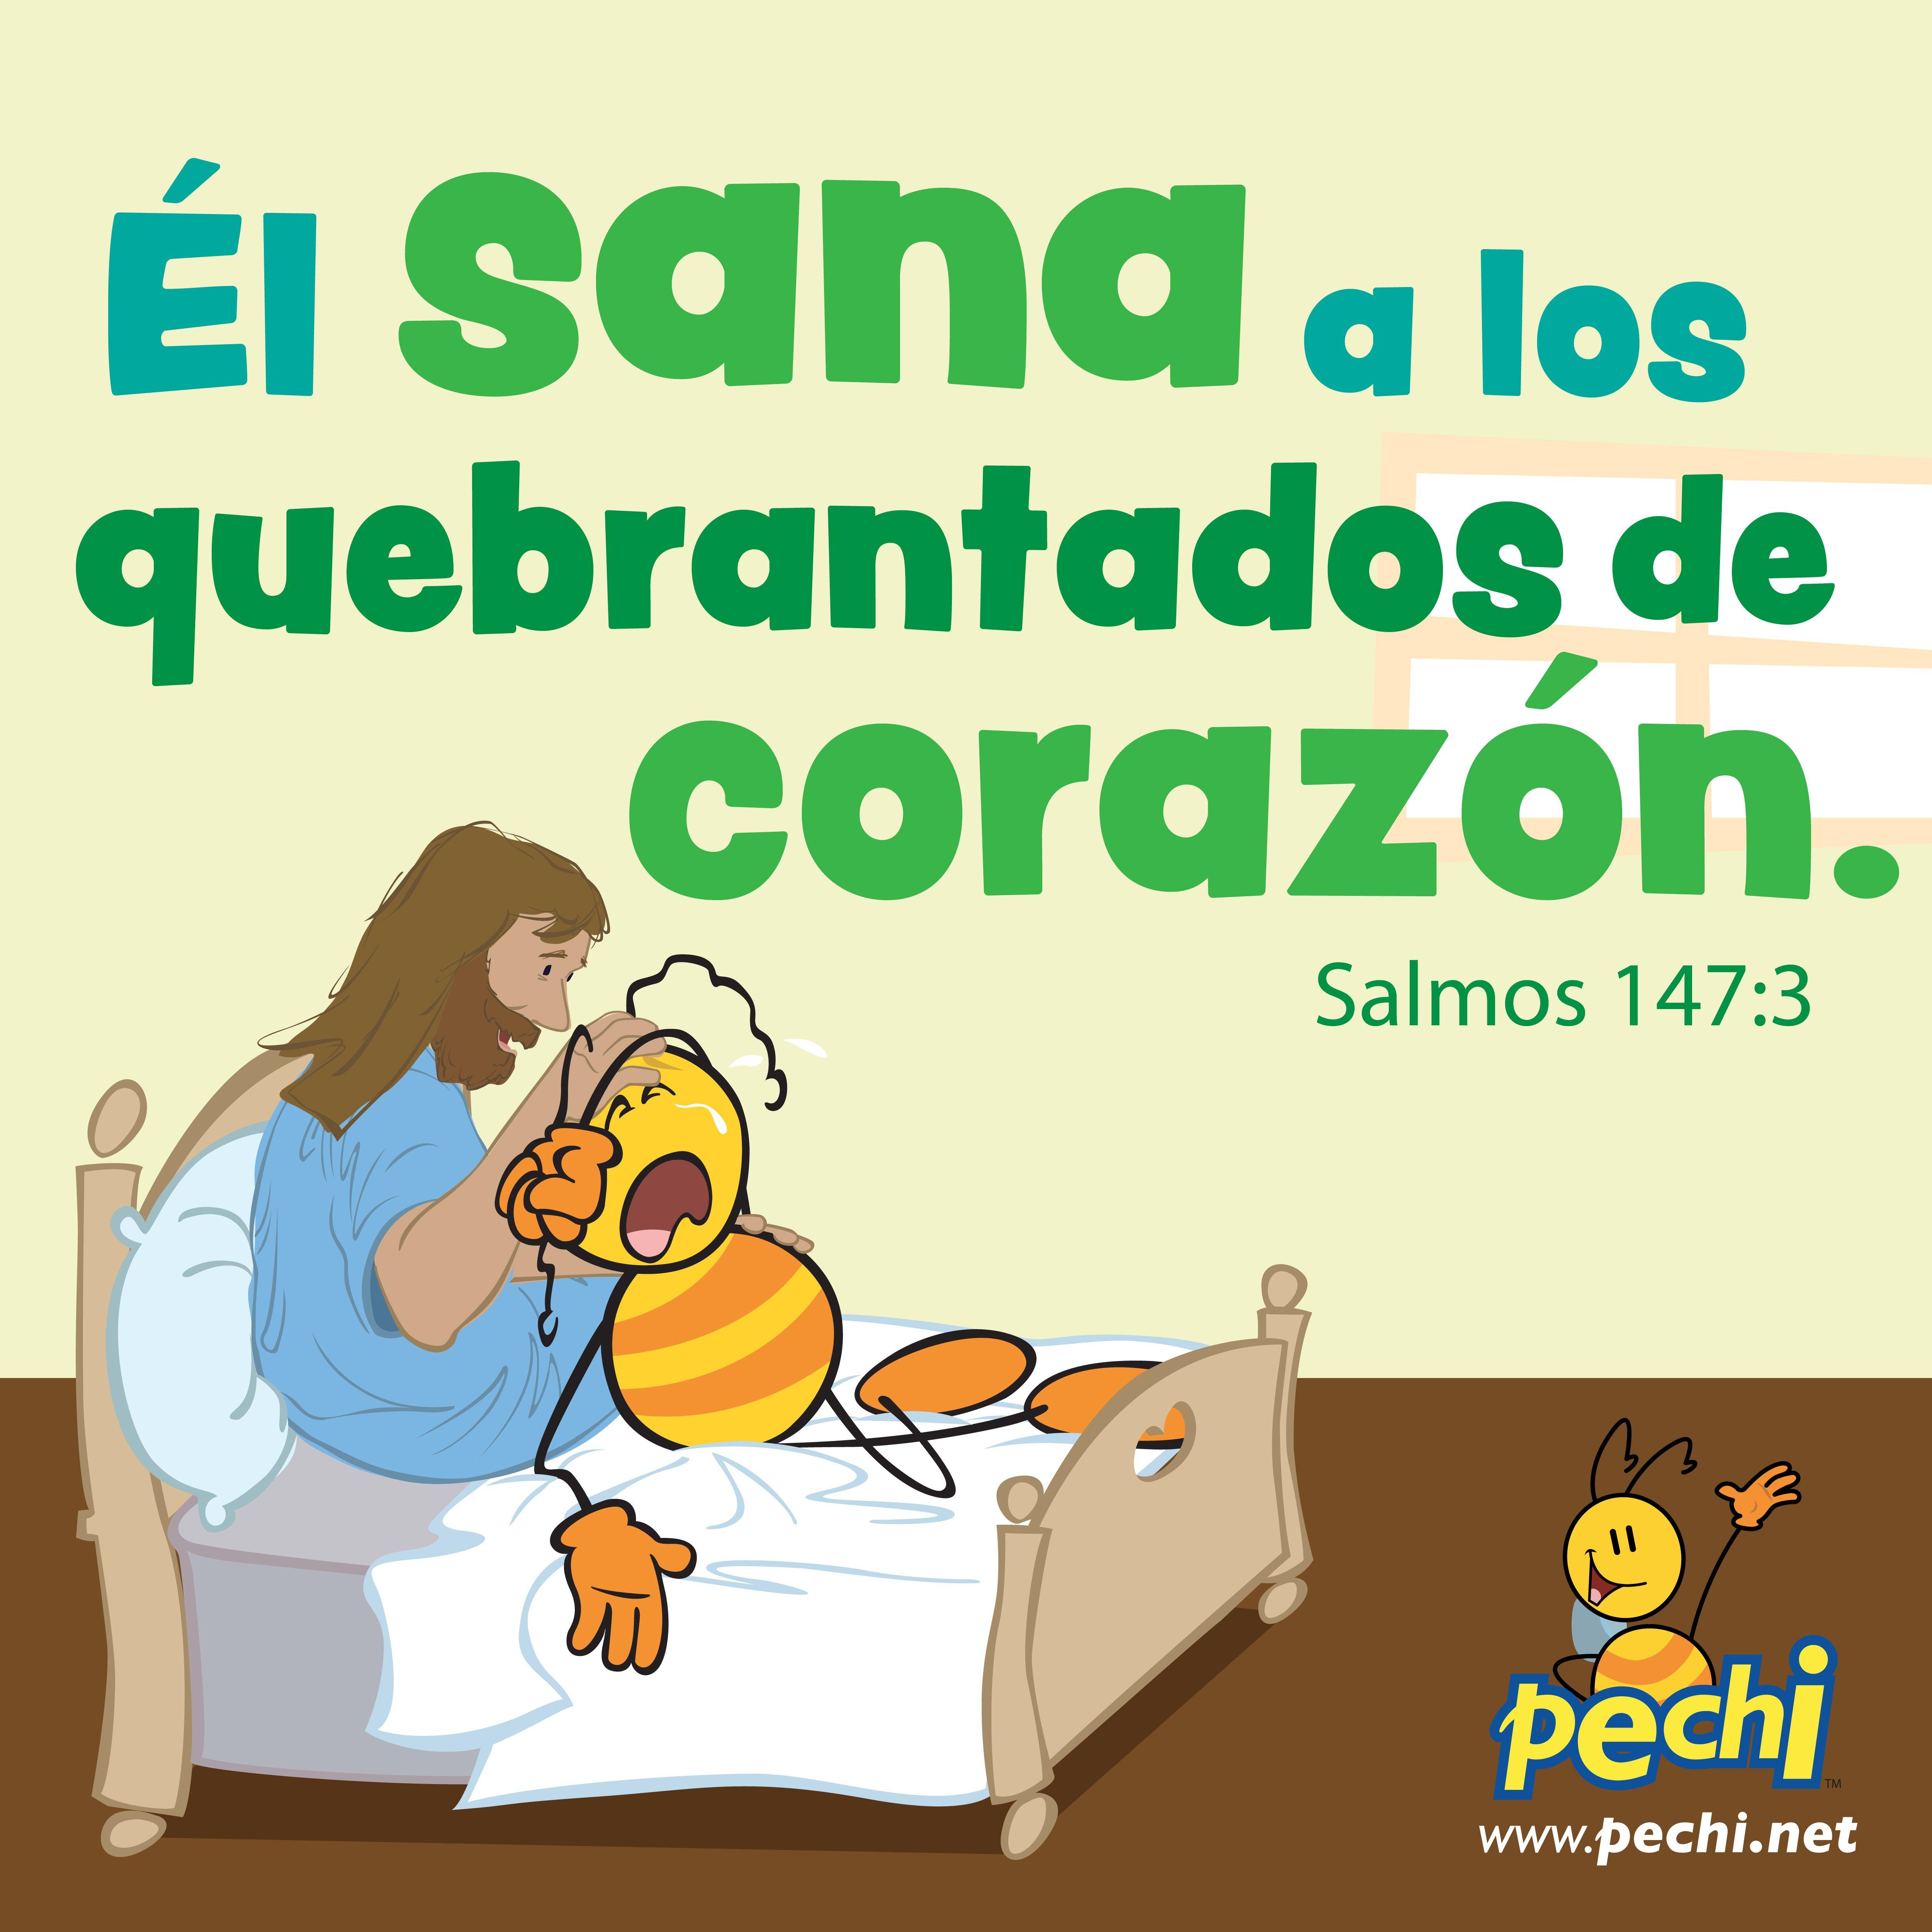 Fortaleza Diosesmifortaleza Diosmecuida En 2020 Texto Biblico Para Ninos Mensajes Biblicos Frases De Bendiciones